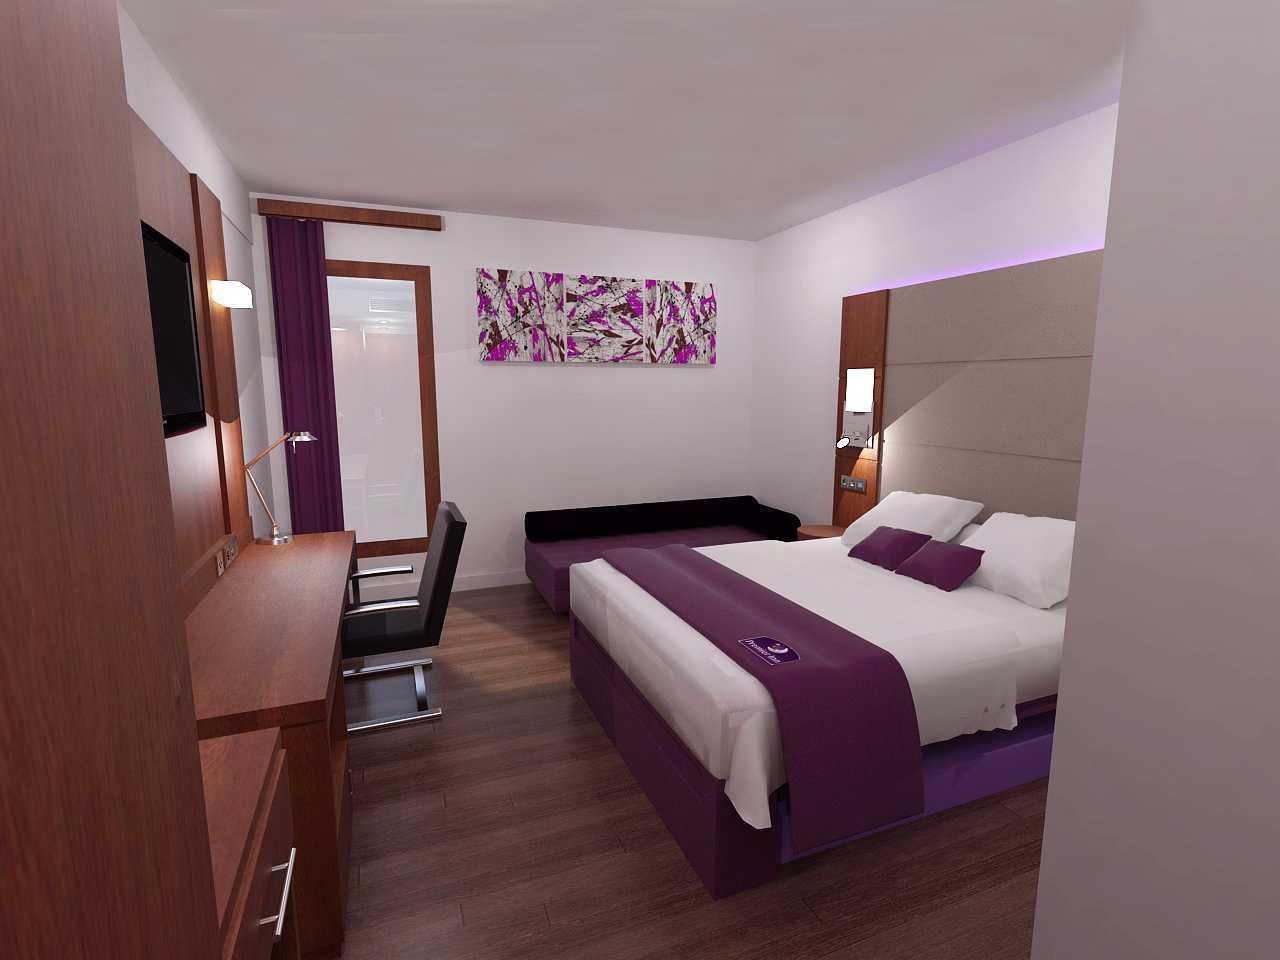 Letare Sitompul Premier Inn Jimbaran Jimbaran, Bali, Indonesia Jimbaran, Bali, Indonesia Room-4 Modern 26161